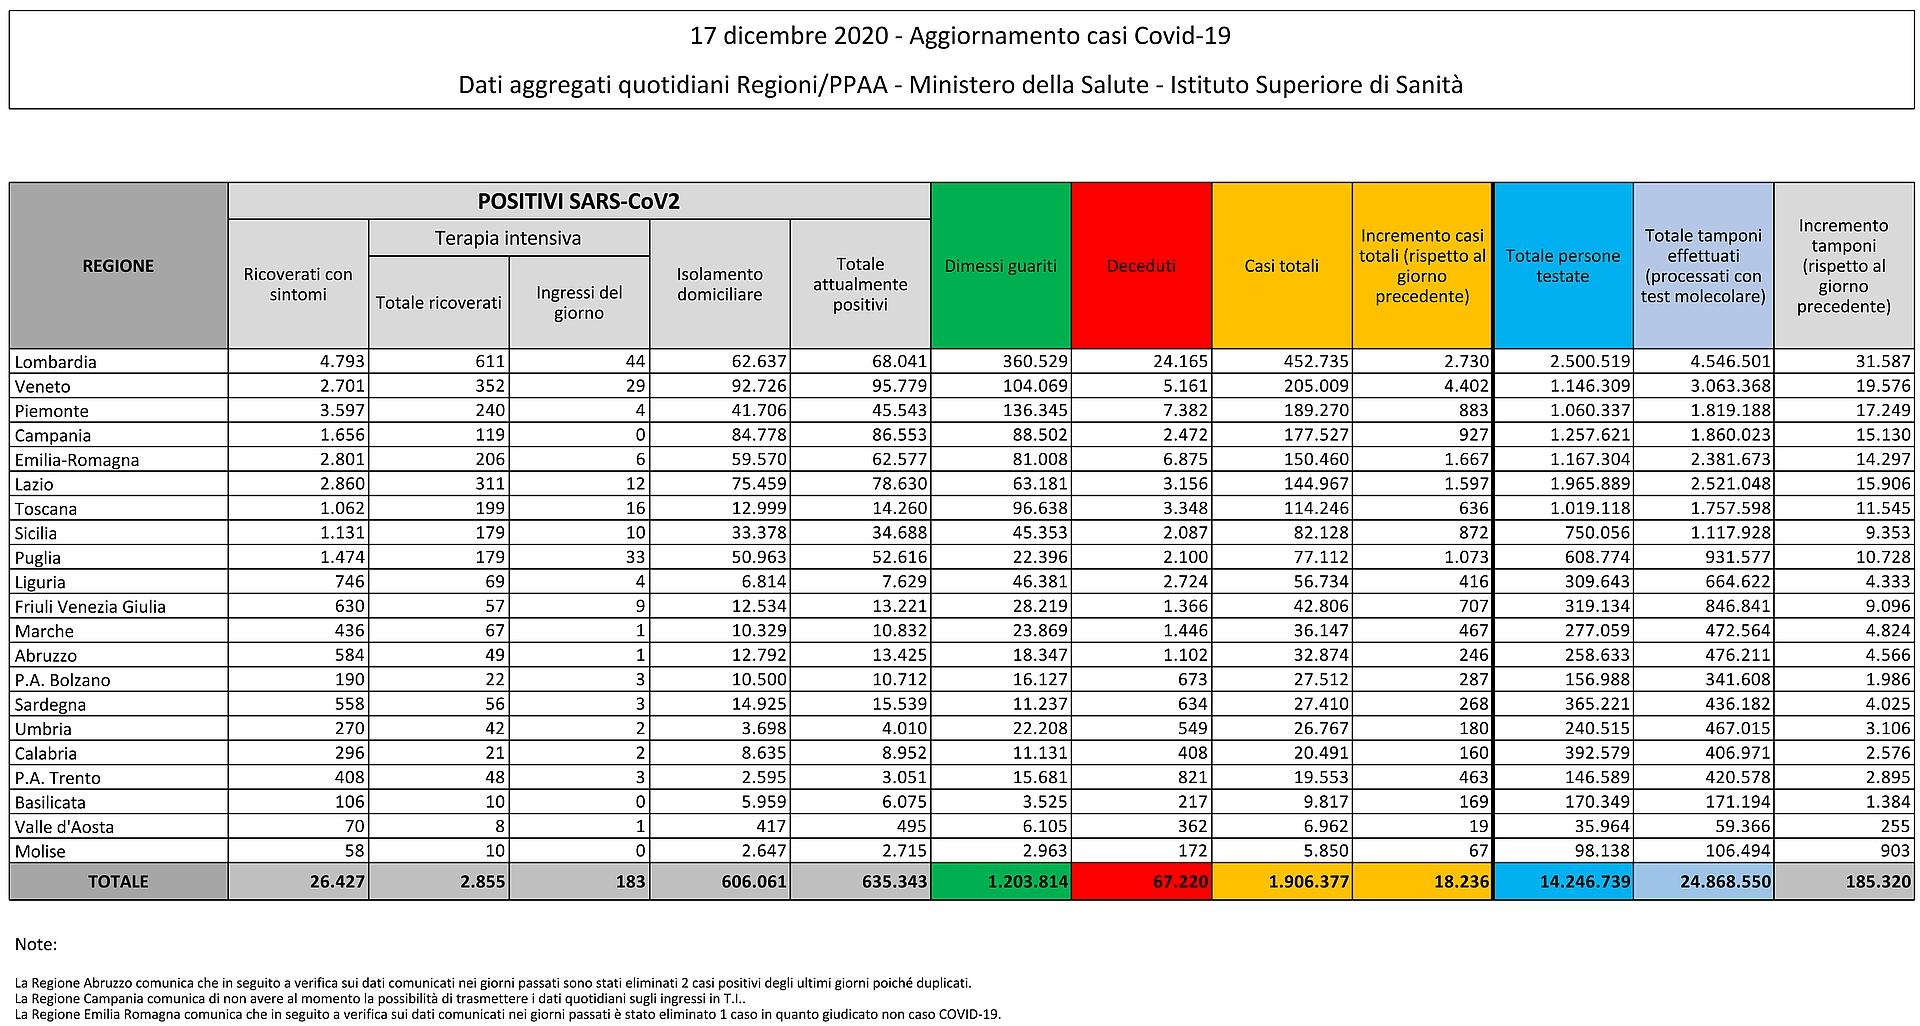 17 dicembre 2020 - Aggiornamento casi Covid-19 Dati aggregati quotidiani Regioni/PPAA - Ministero della Salute - Istituto Superiore di Sanità